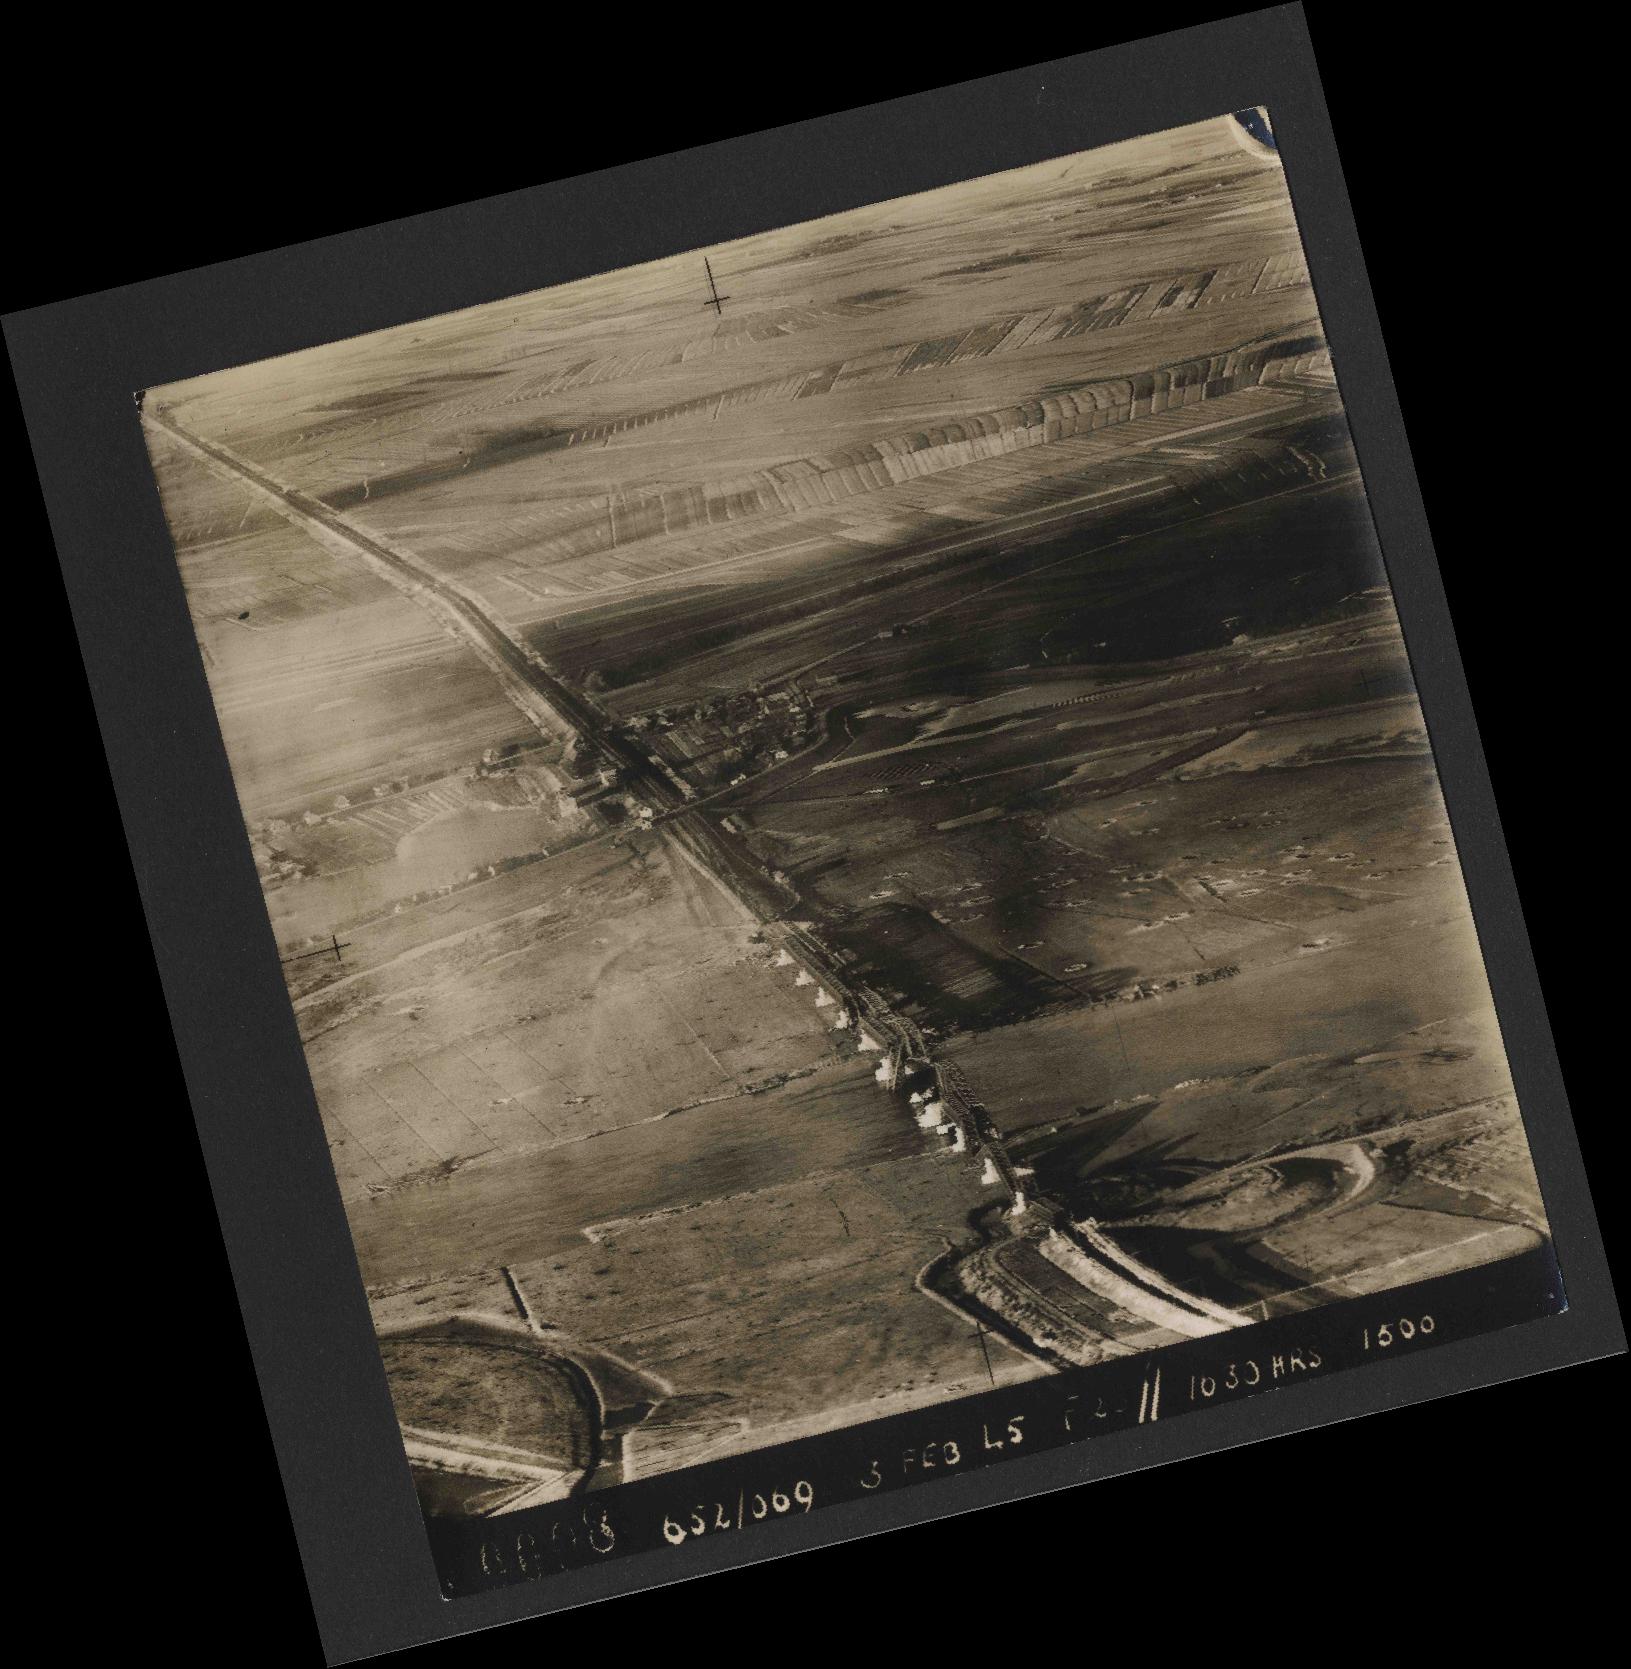 Collection RAF aerial photos 1940-1945 - flight 542, run 01, photo 0008